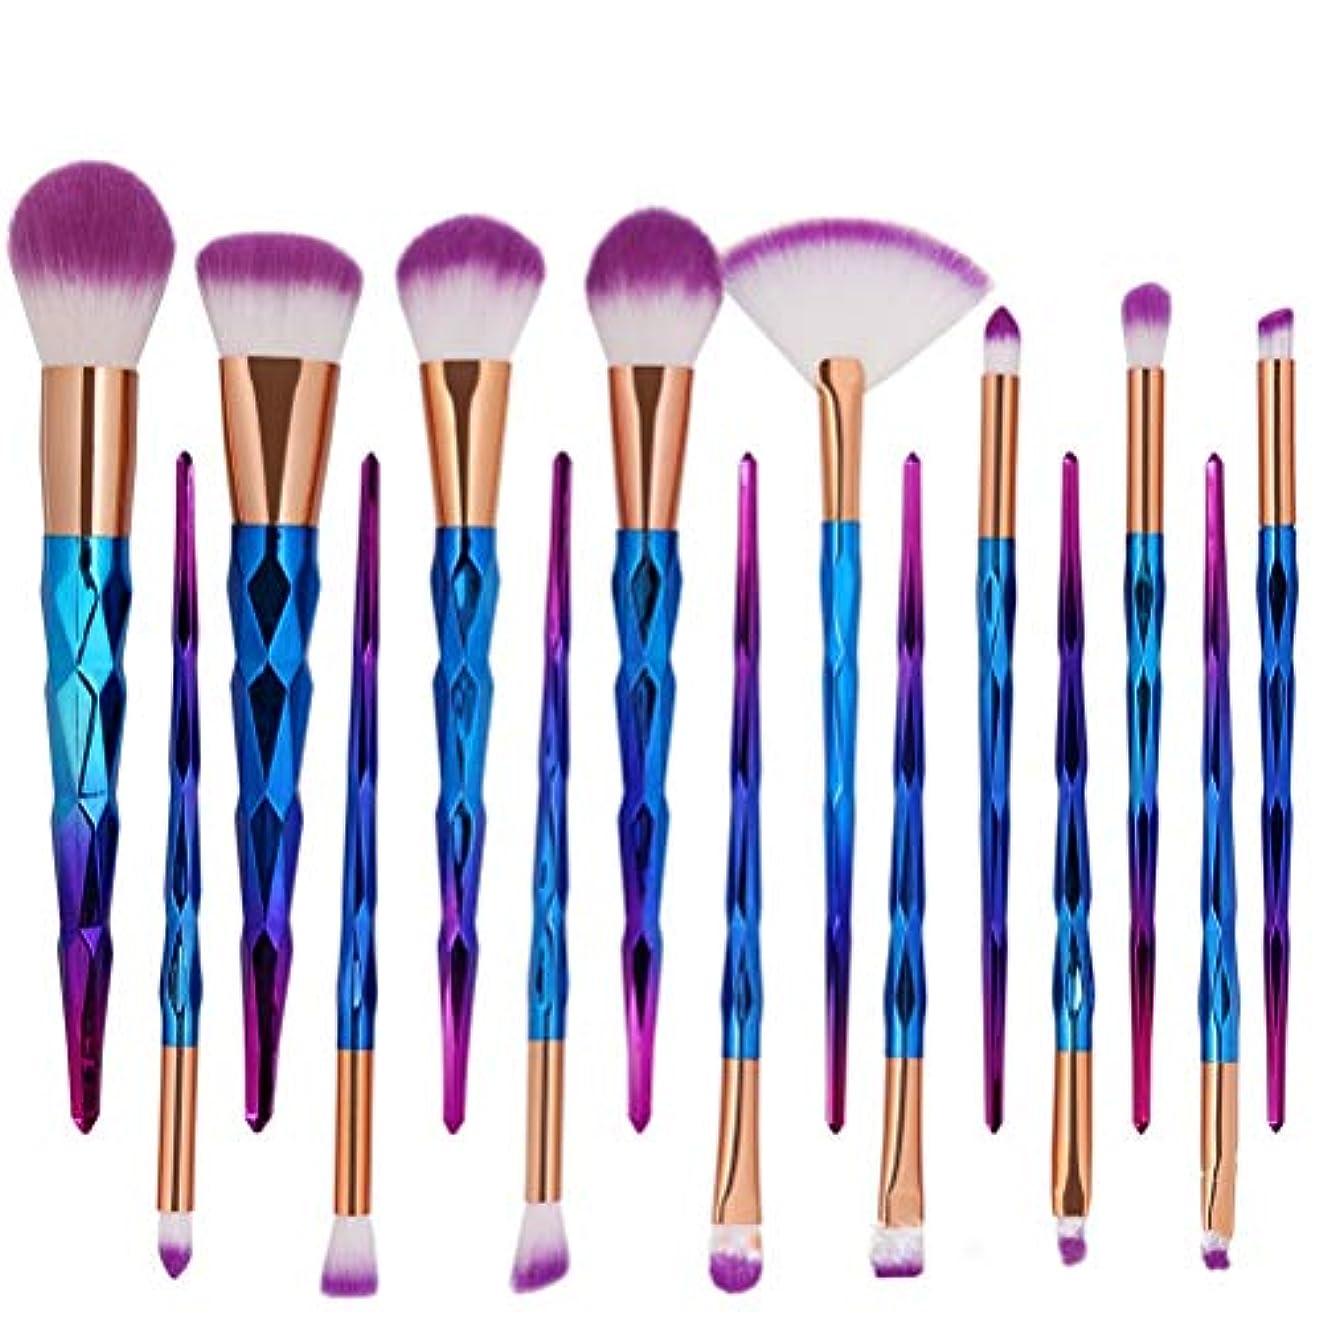 地球自然公園皮肉LSHJP 化粧ブラシ 15個 不規則な 個性的 柔らか 安心 便利 ファッション 自然 ビューティー 高品質 高品質 (Color : Purple, Size : ワンサイズ)